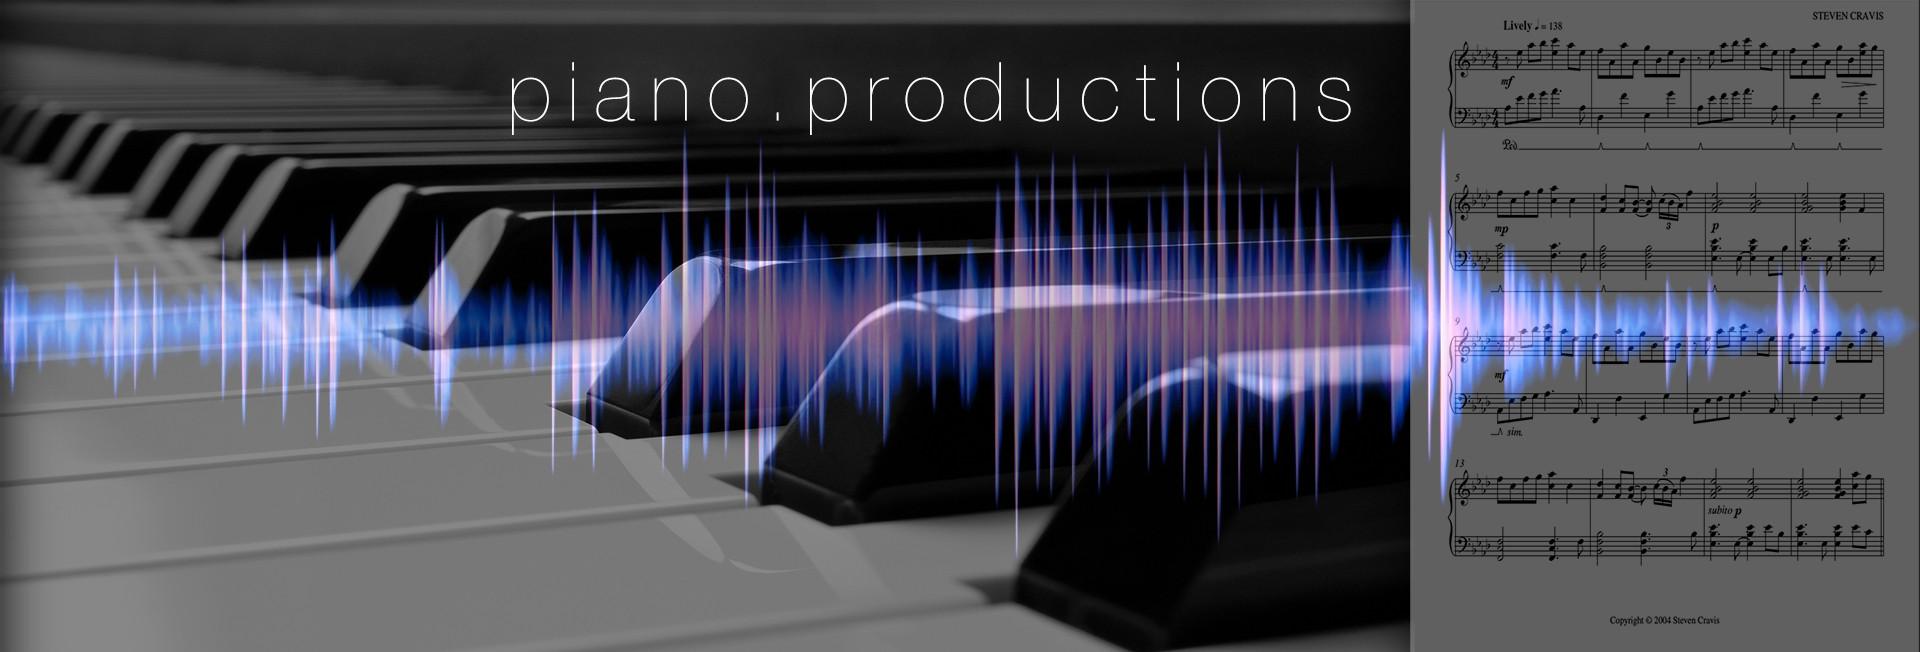 piano-productions1-e1433422977507